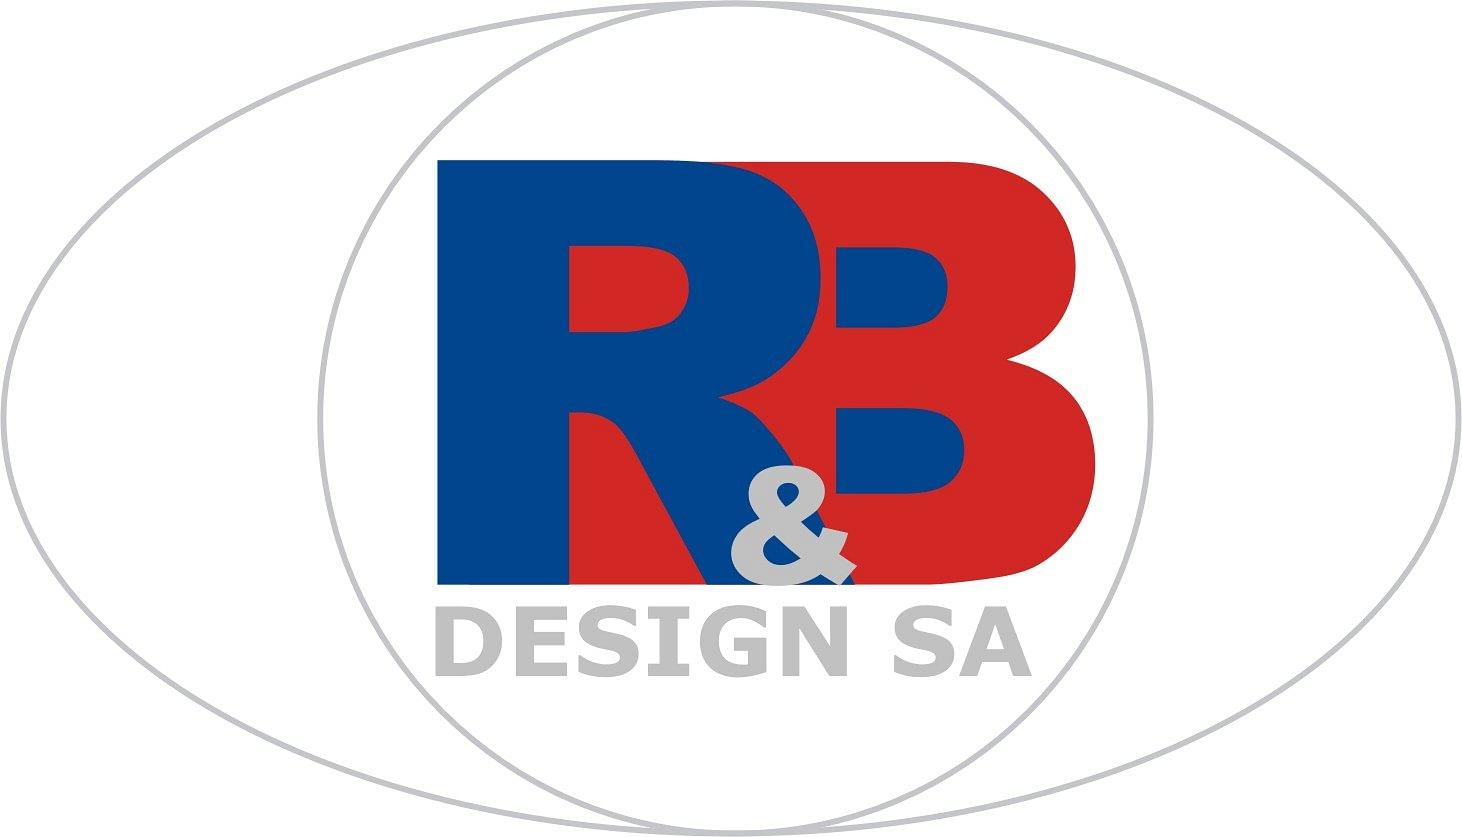 RB & Design SA